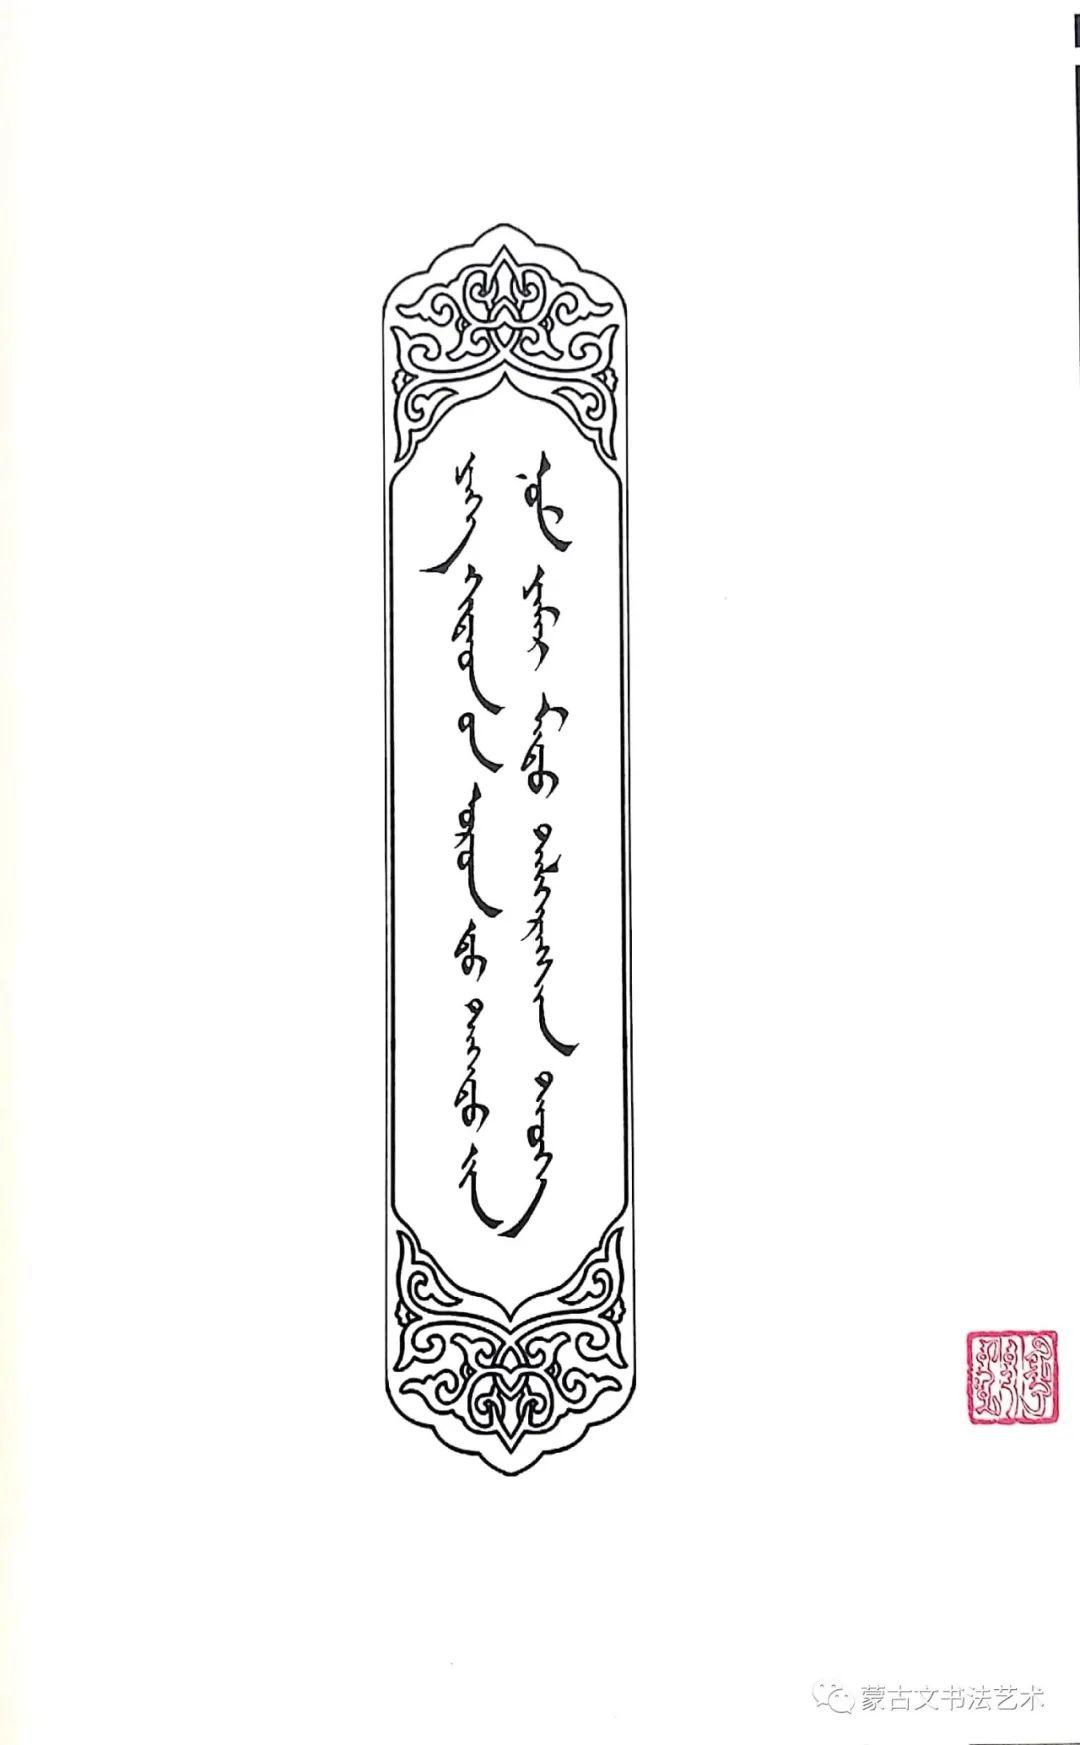 韩巴塔尔楷书著作《中国佛教史(一)》